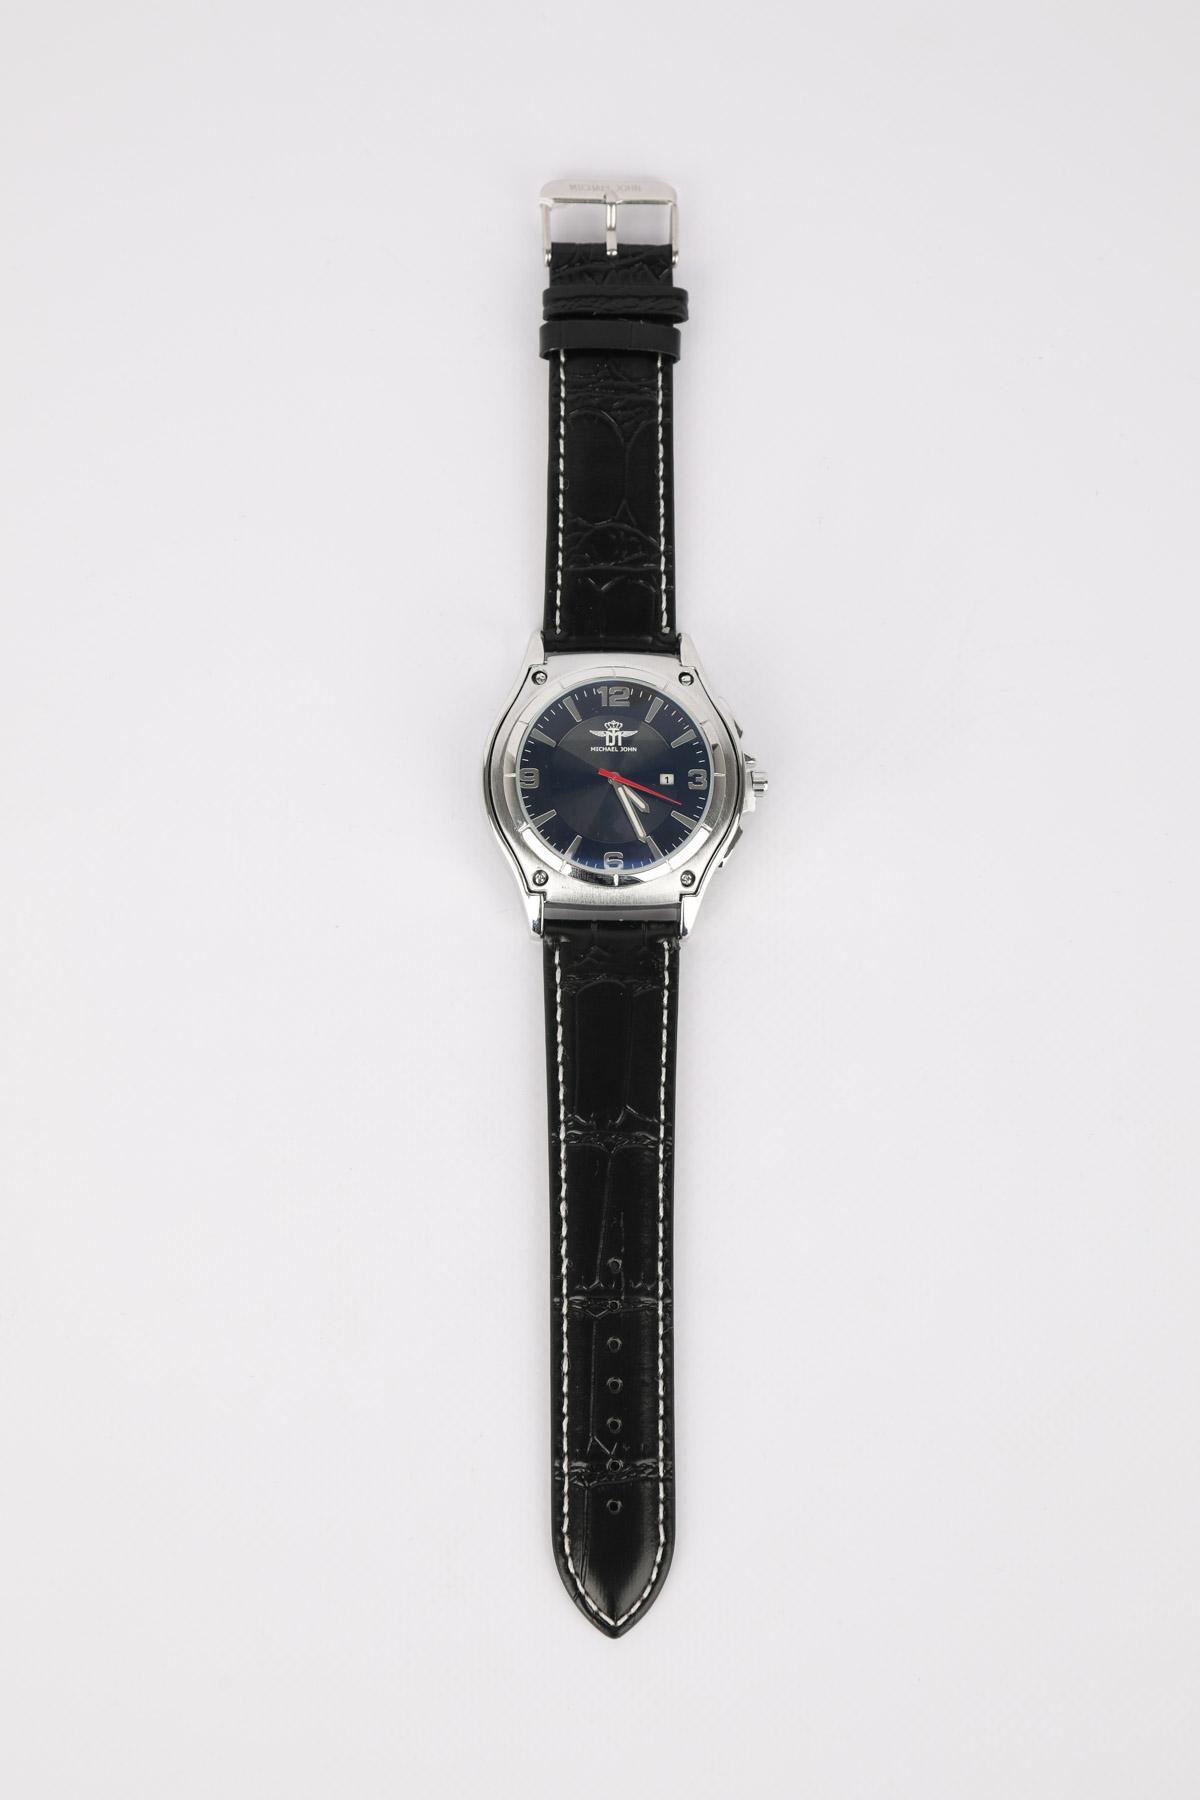 Montres Accessoires Noir MICHAEL JOHN ET GG LUXE S-191208 #c eFashion Paris